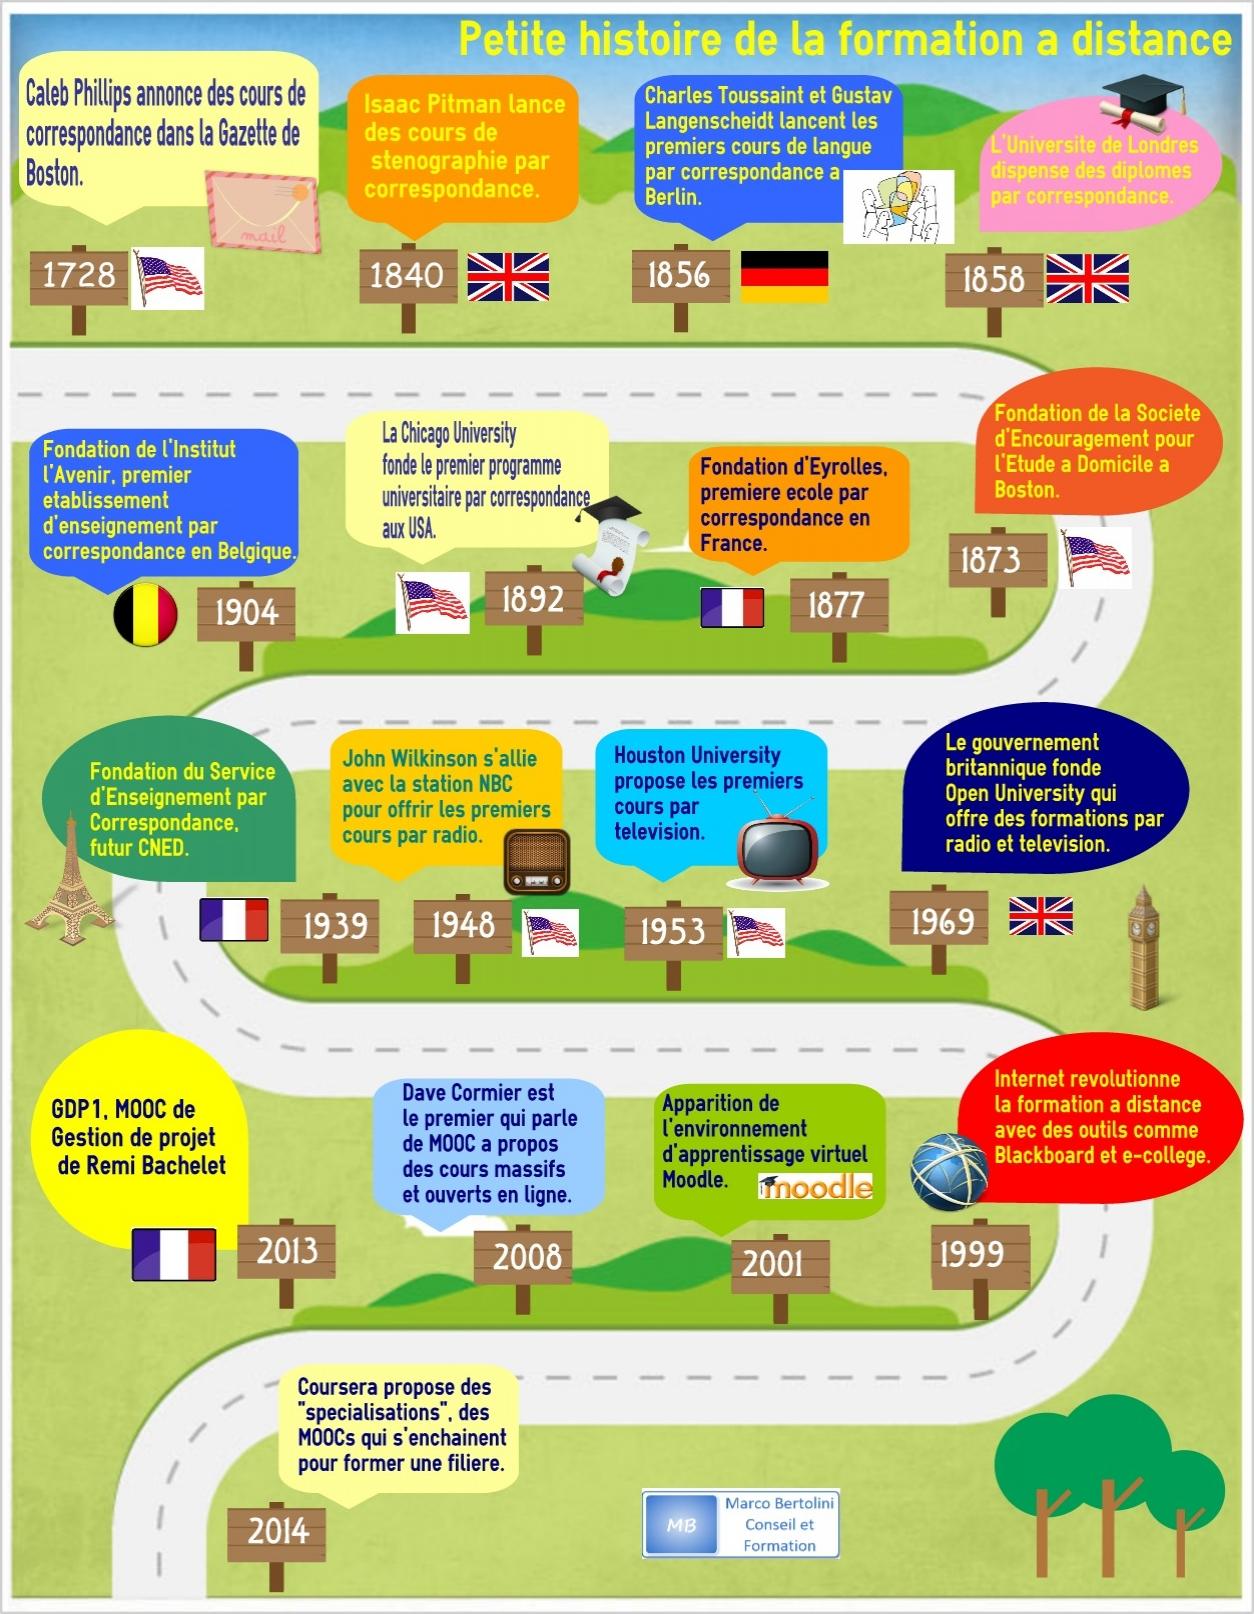 infographie illustrant la formation à distance depuis la correspondance jusqu'à l'e-learning et les MOOCs